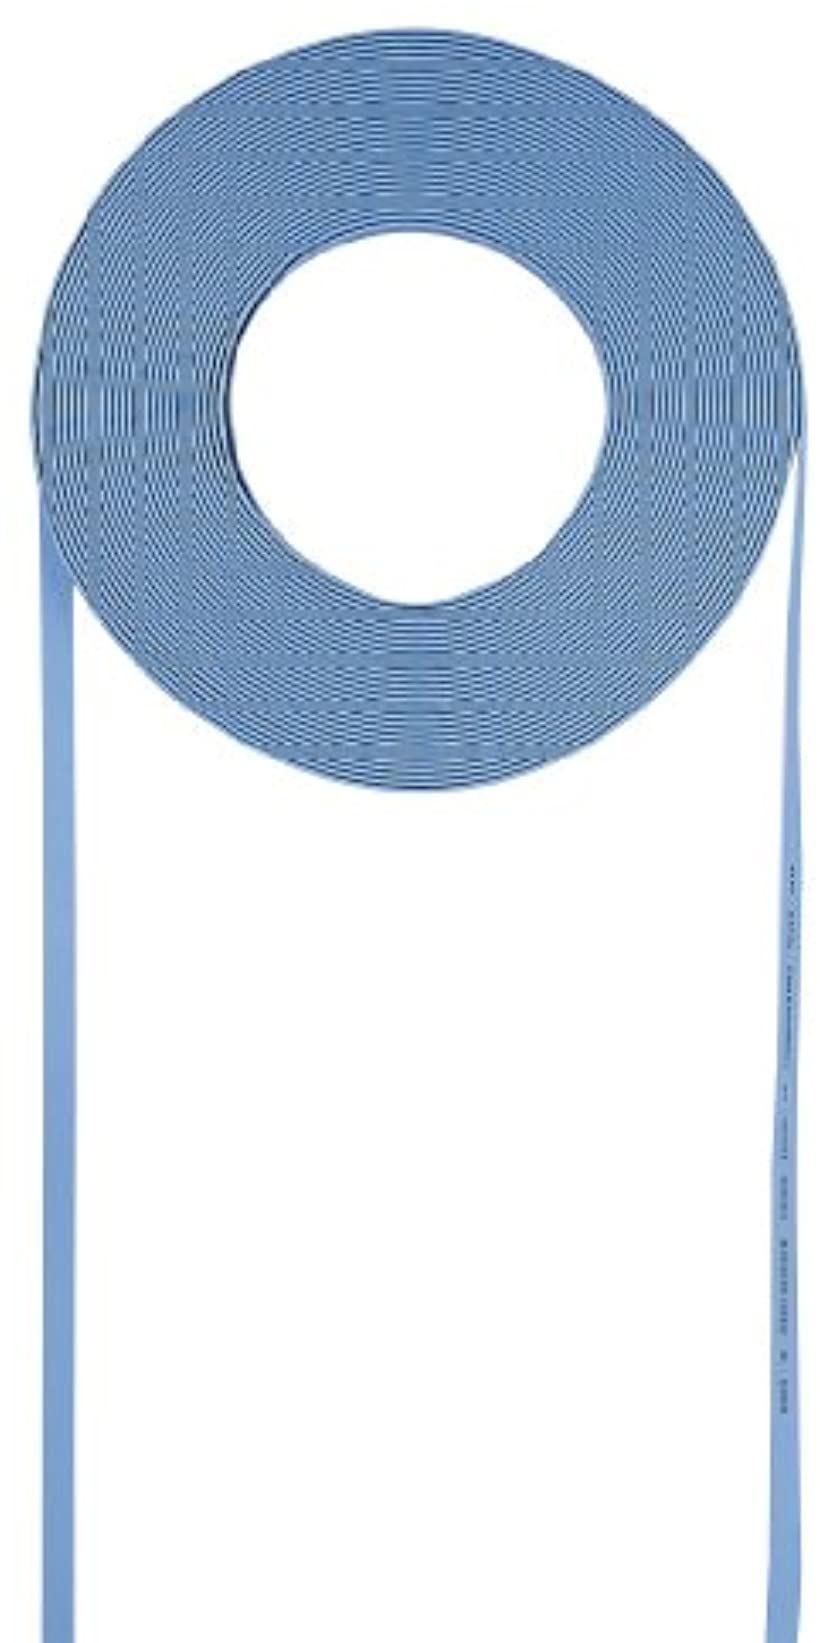 超フラットケーブルのみ100m(ライトブルー, 100m)